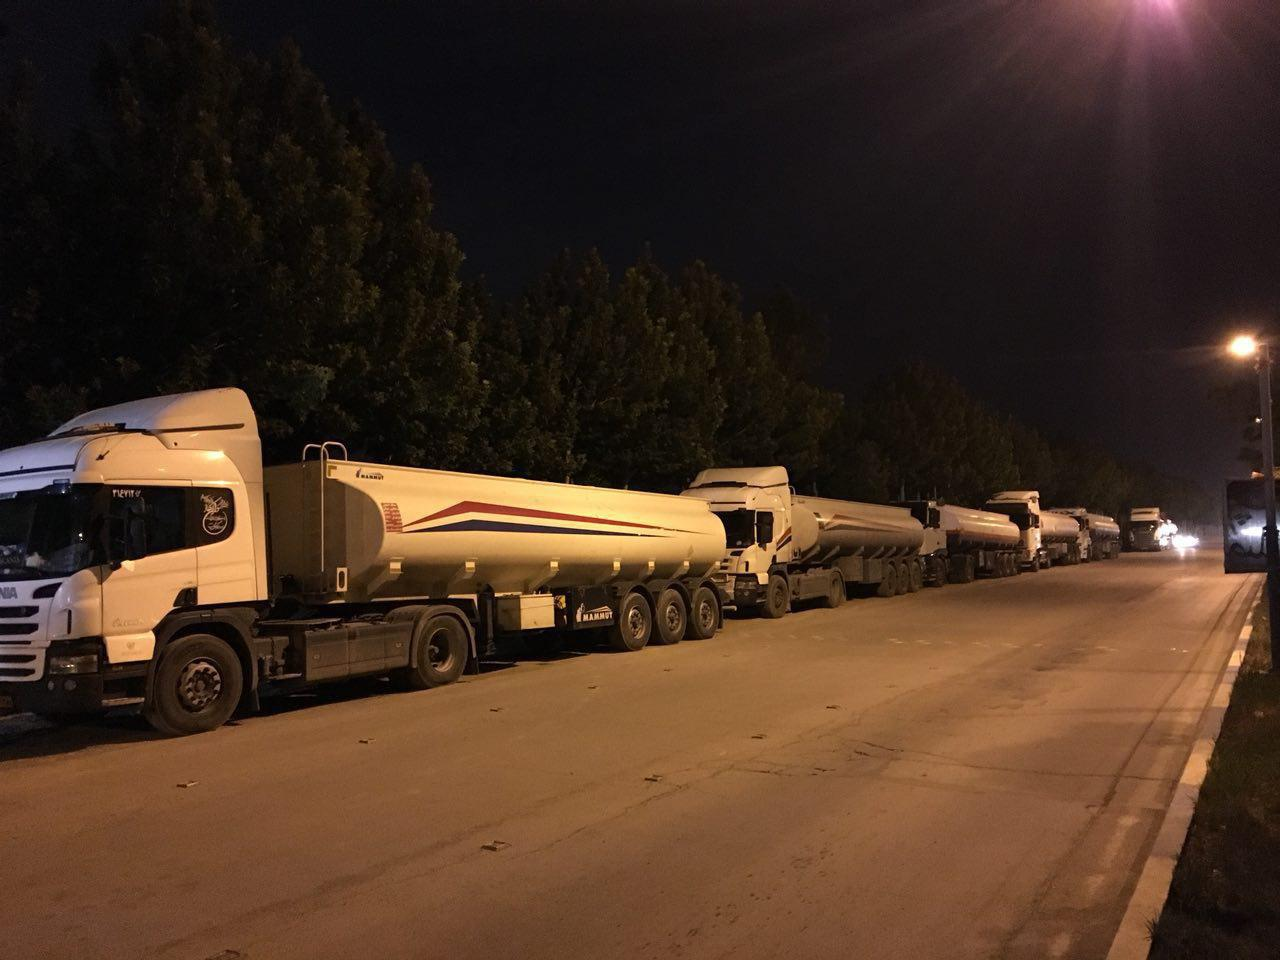 tankers_may_27_gahdarijan